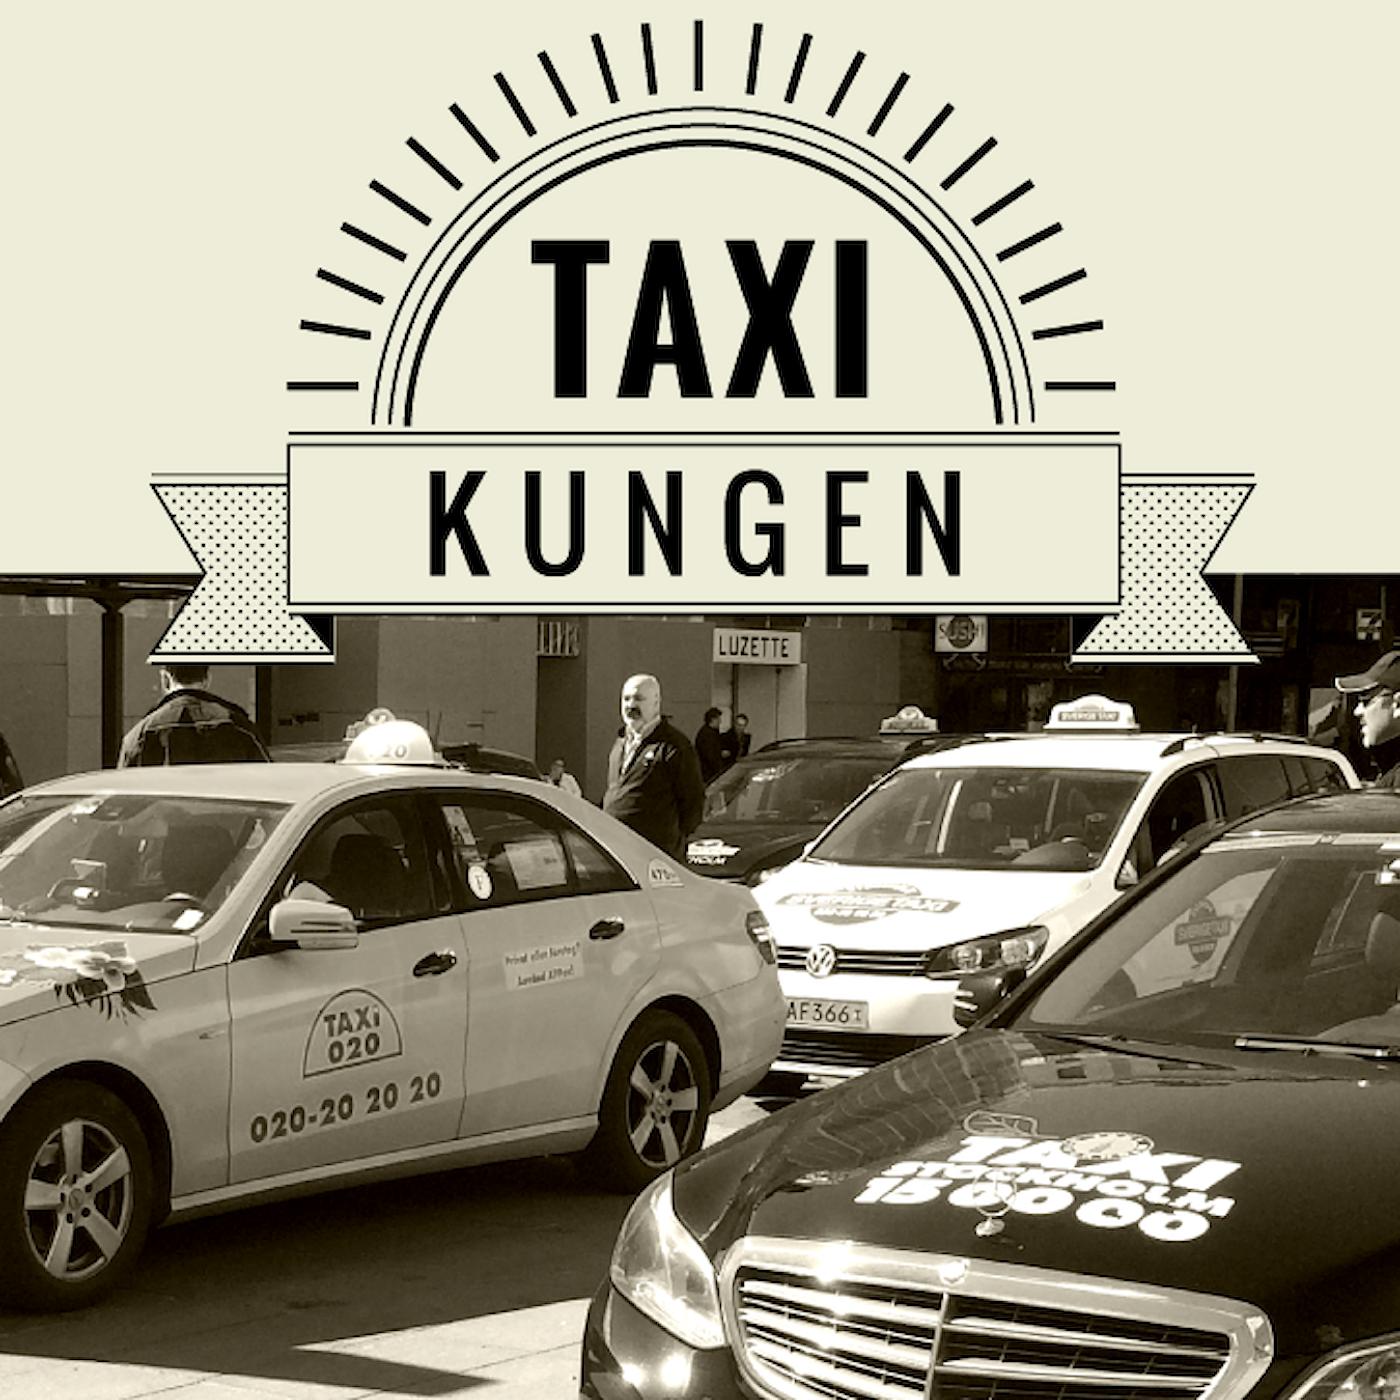 Taxikungen – om vinnare och förlorare på en avreglerad marknad